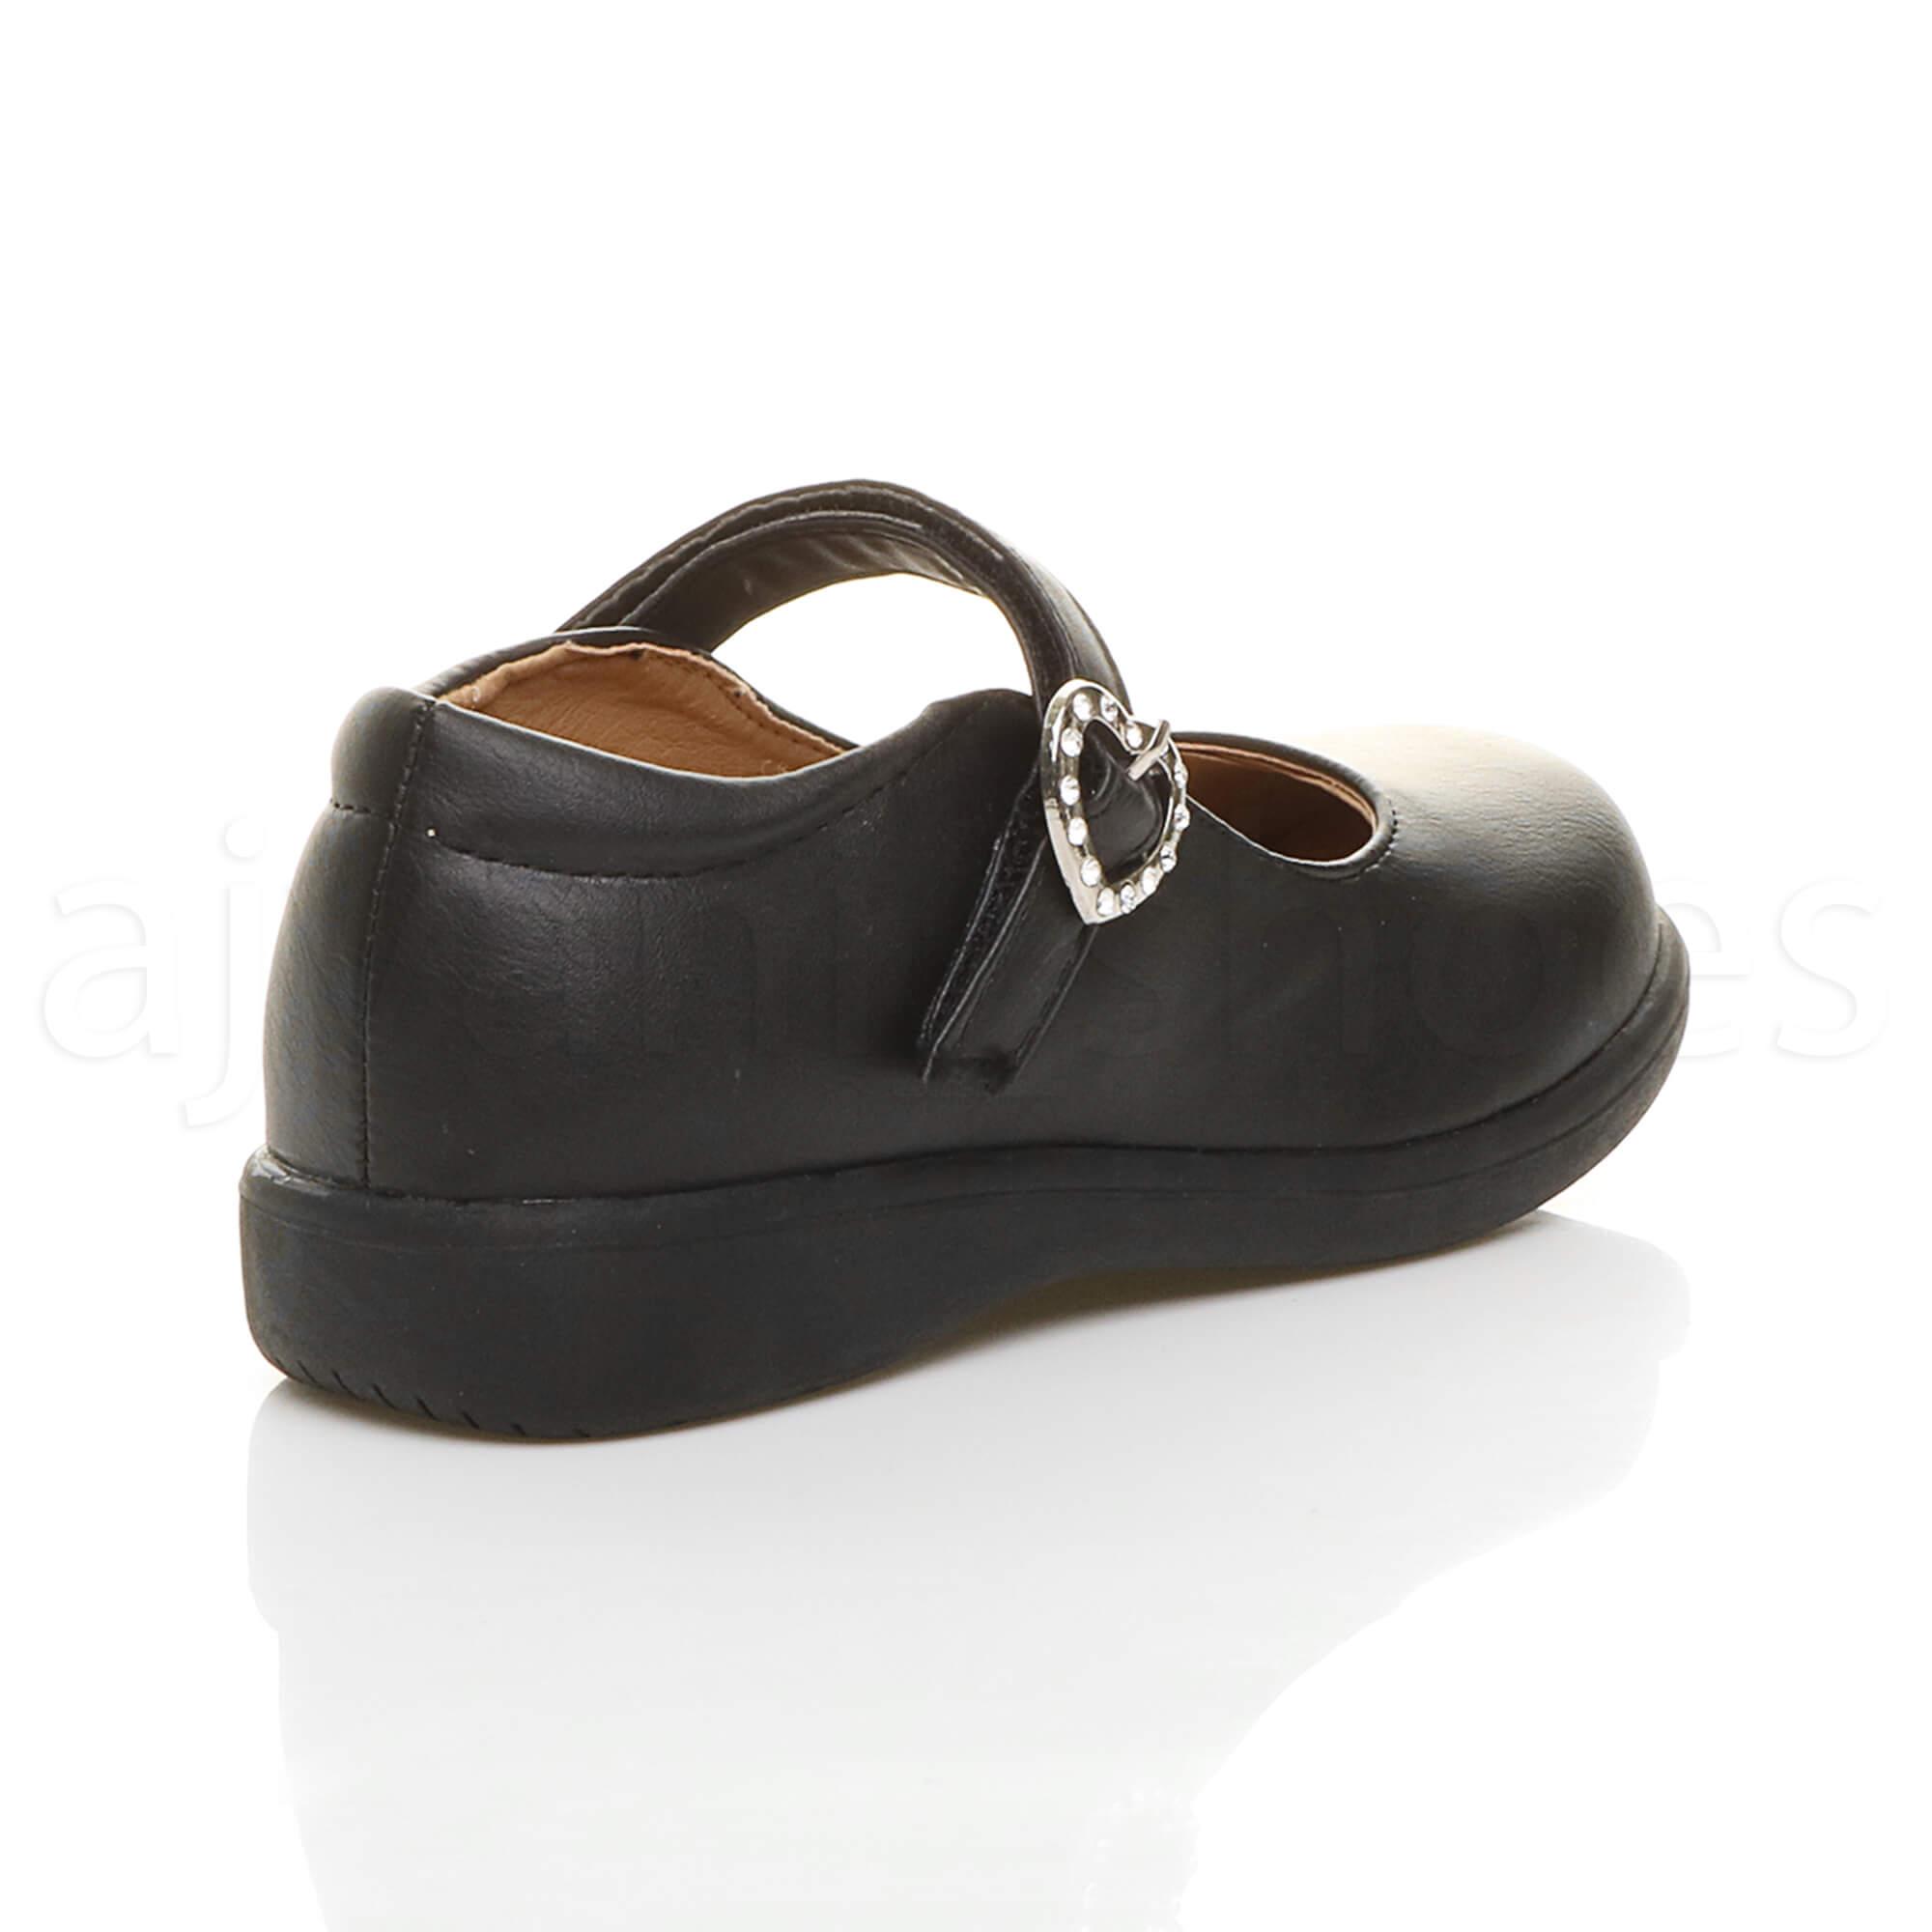 Mädchen Kleine Absatz Flach Mary Jane Formal Elegant Fesch Schuhe Größe 11 YsNkAcTh